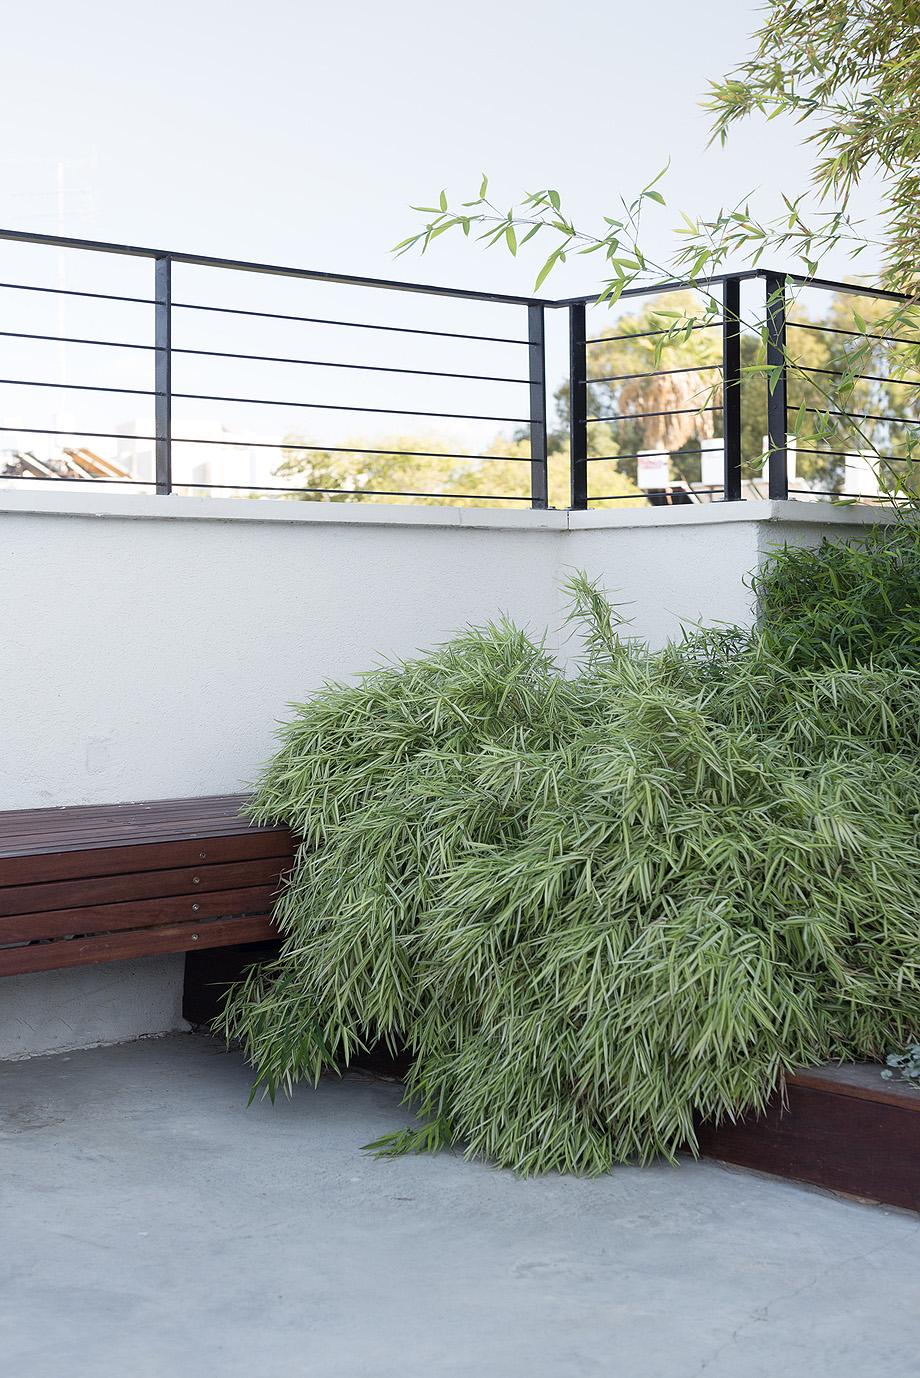 un jardin en la terraza por xs studio - foto gidon levin (20)